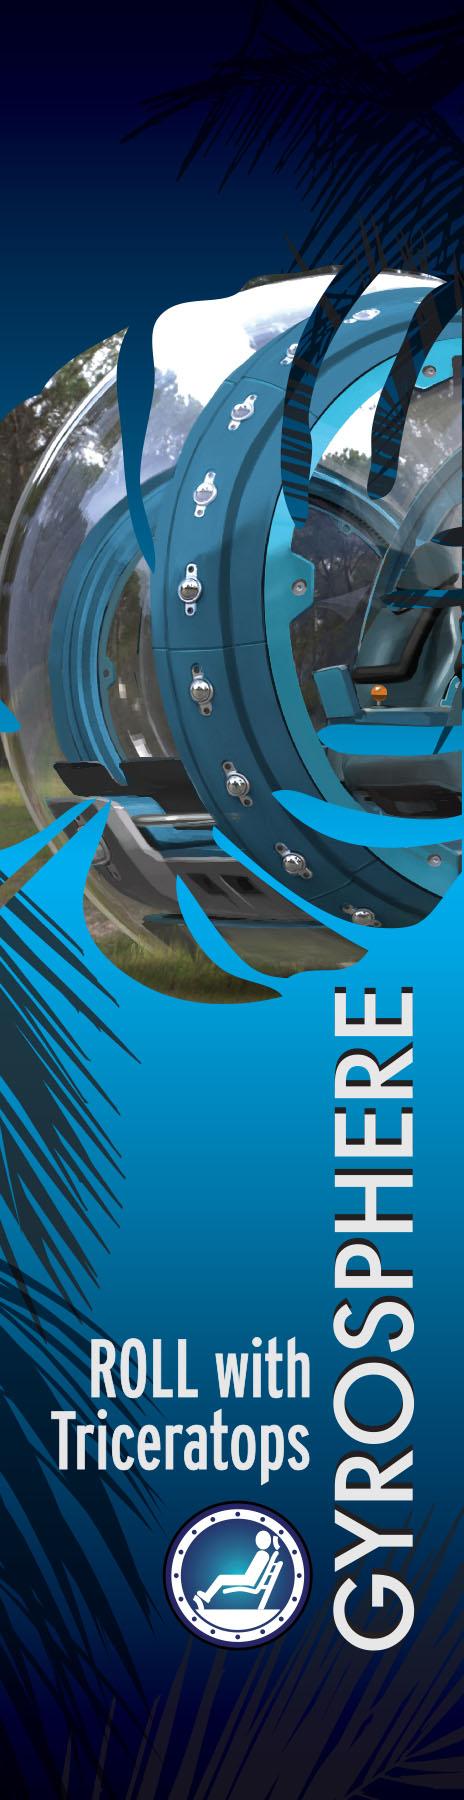 JW gyrosphere banner.jpg